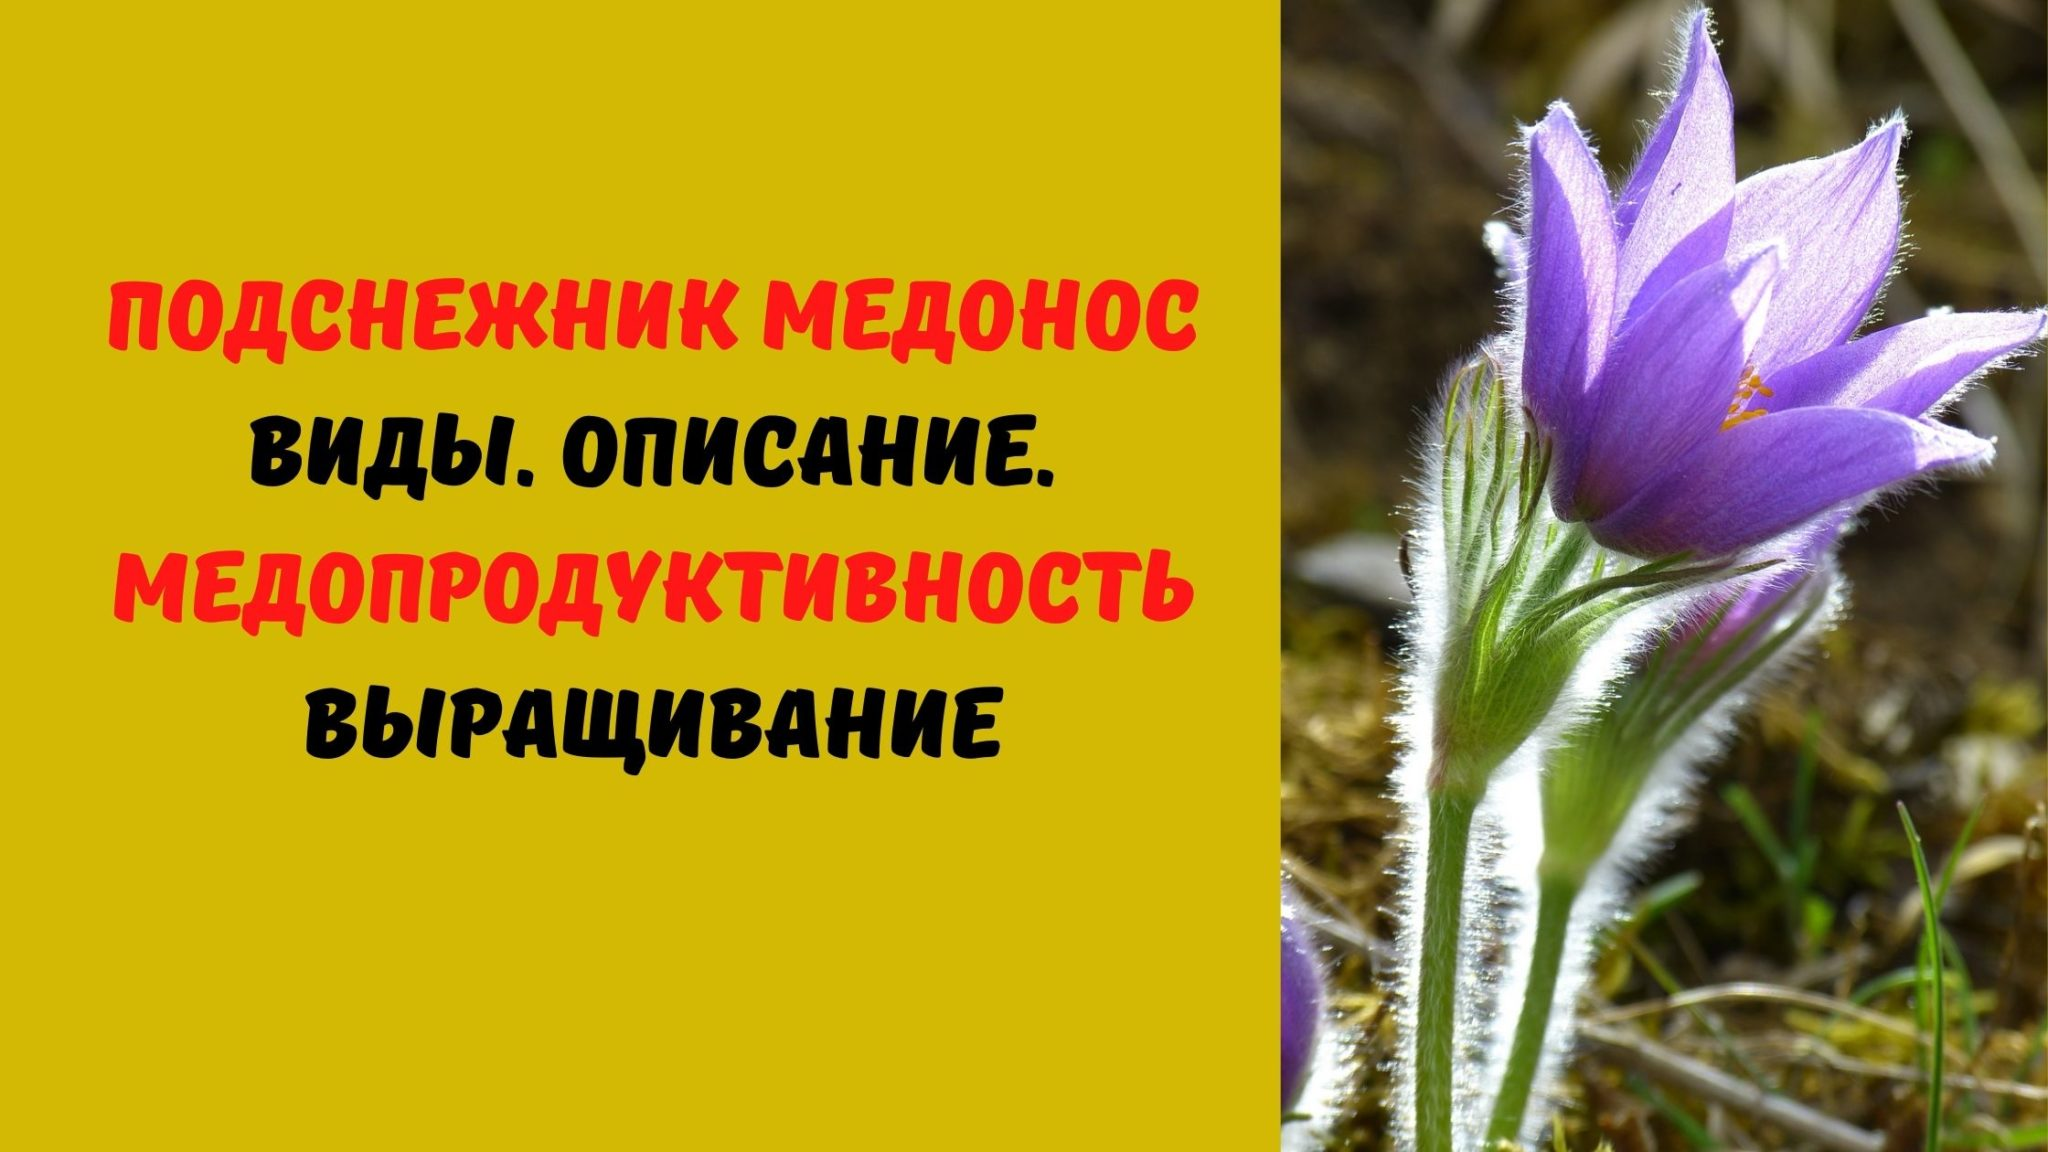 ПОДСНЕЖНИК МЕДОНОС